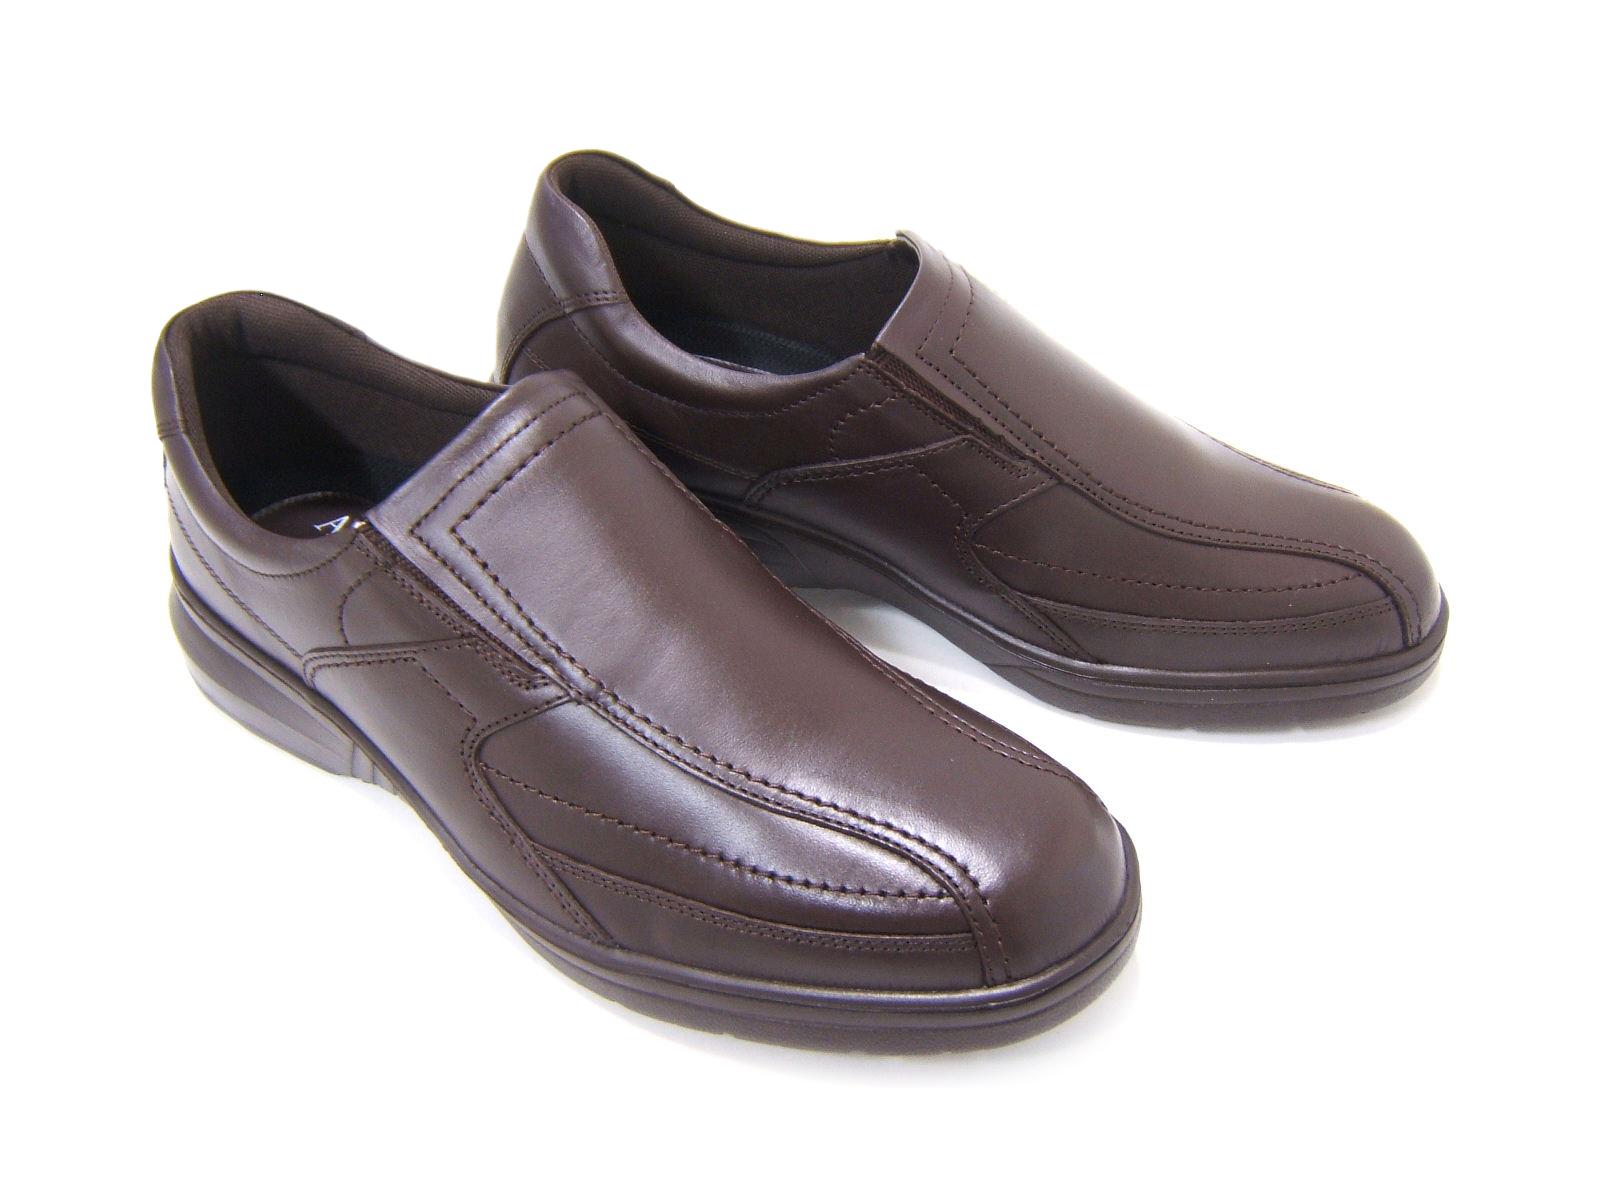 毎日履きたい至極のウォーク&ワークシューズ!ARUKURUN/アルクラン 紳士靴 スワールモカ スリップオン AR-2033 ダークブラウン 送料無料 日本製 4Eワイズ